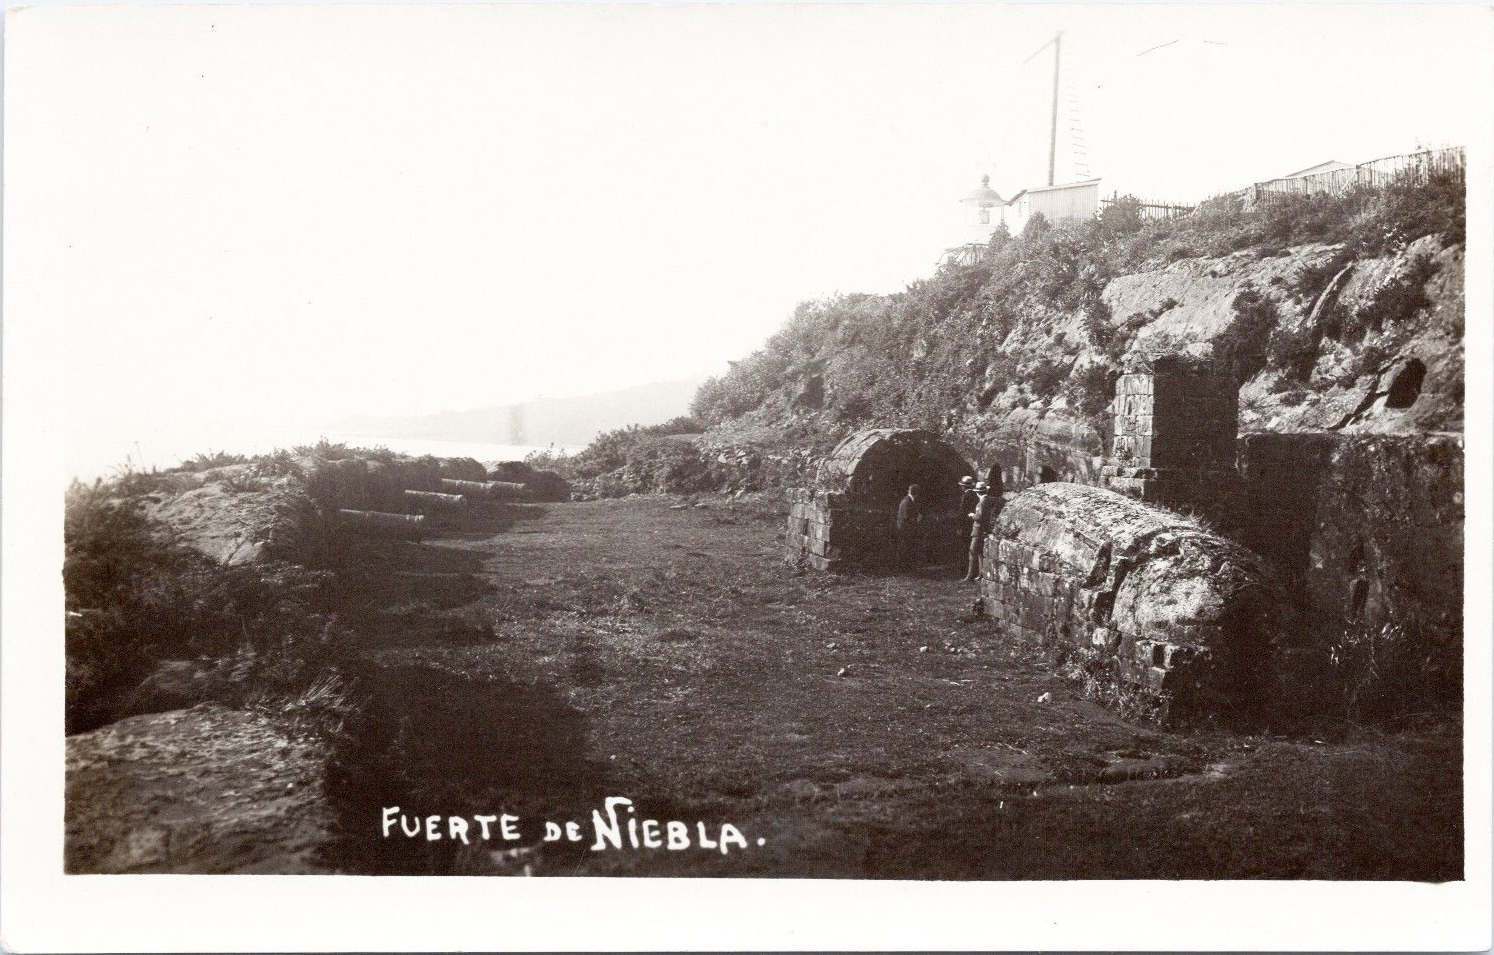 Enterreno - Fotos históricas de chile - fotos antiguas de Chile - Fuerte de Niebla, 1922